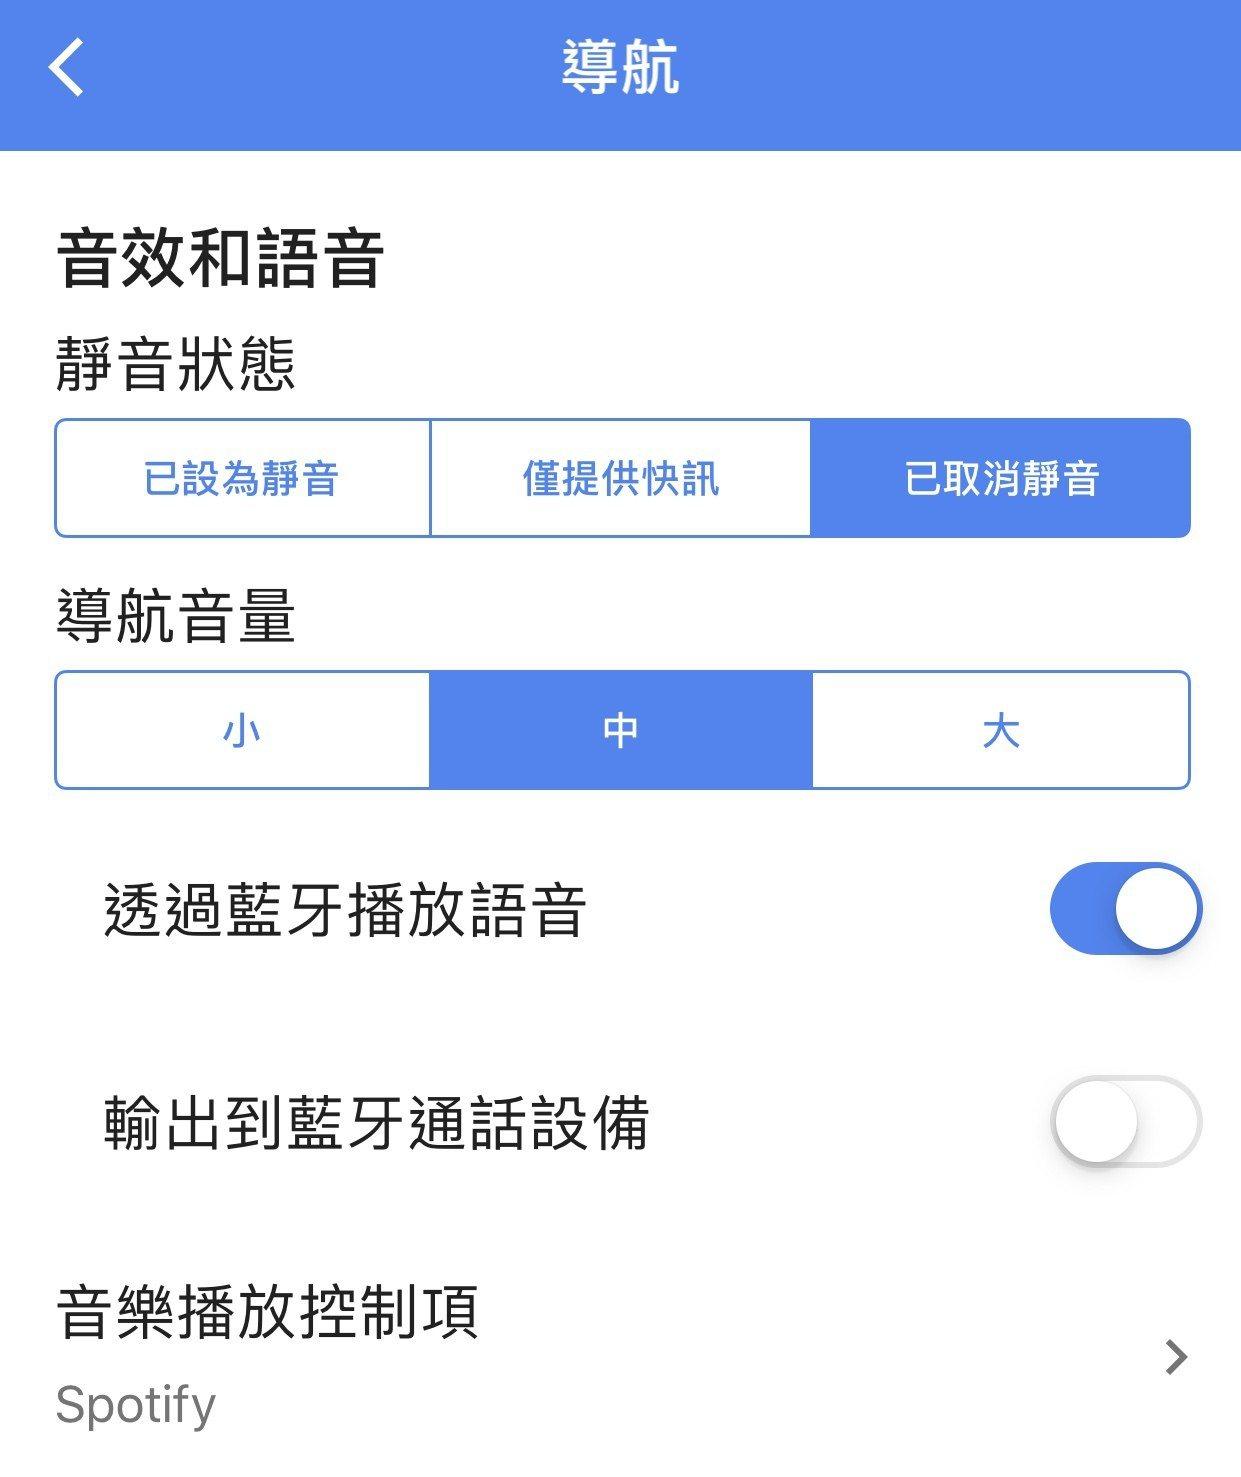 iOS系統中,可從音樂撥放控制項中連結Spotify帳號。圖/摘自手機畫面